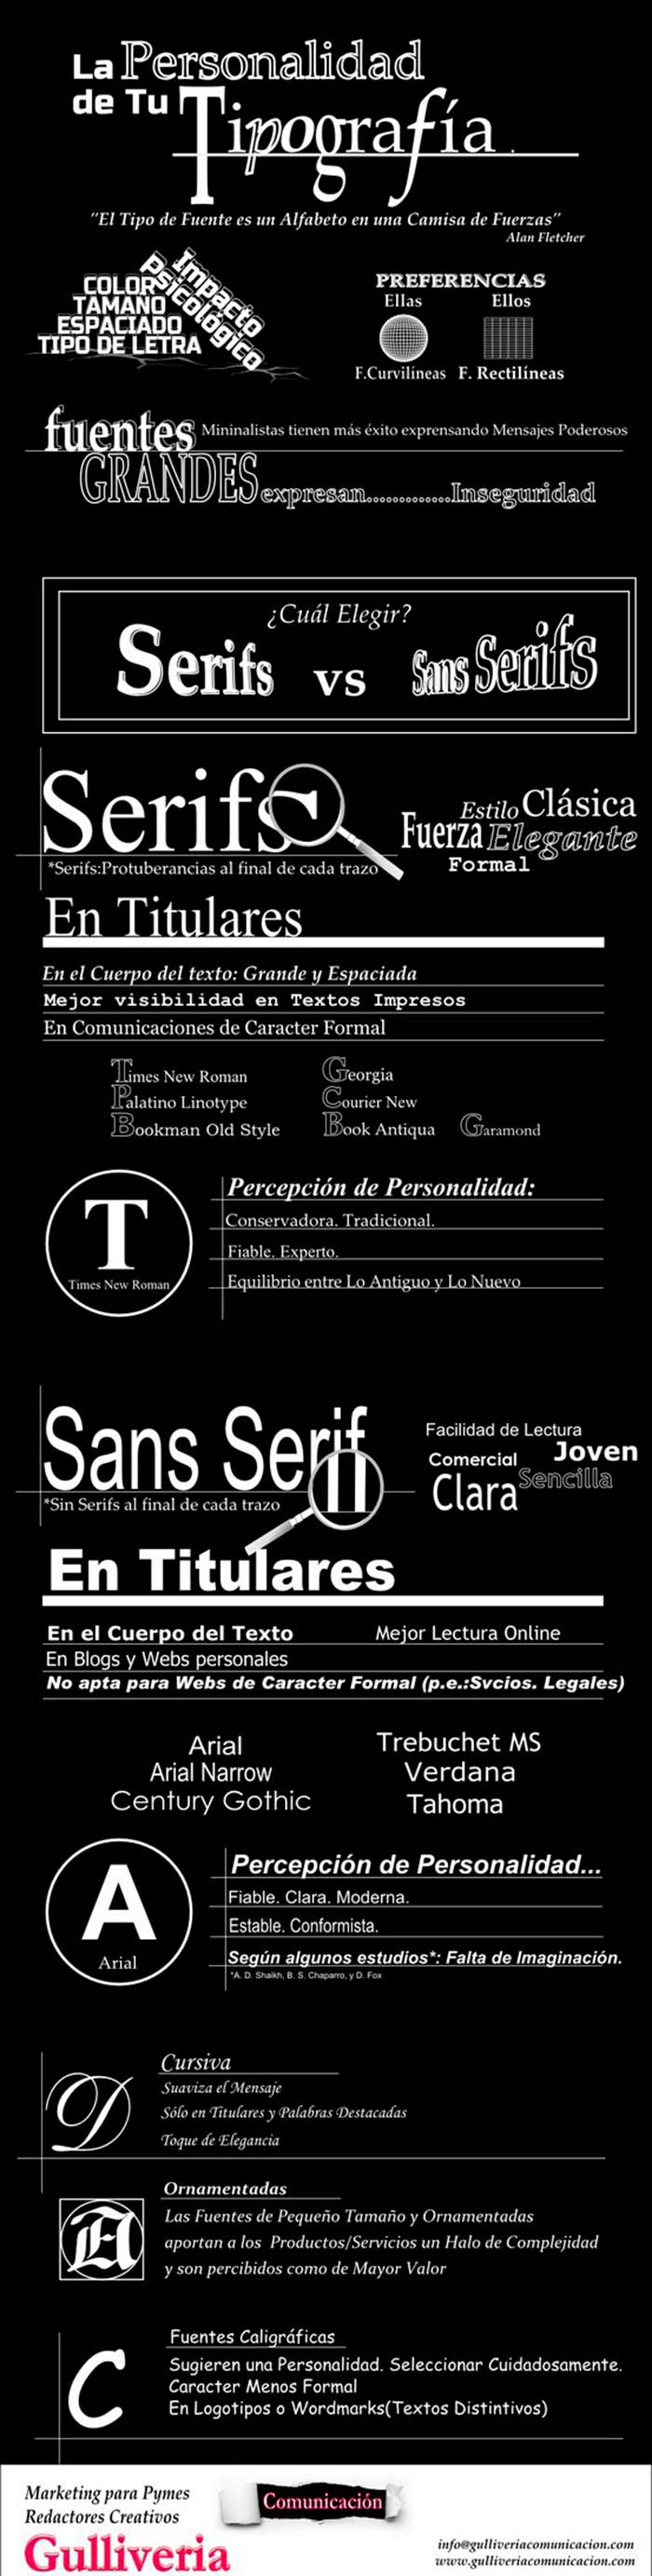 Infografia sobre la personalidad de tu tipografia